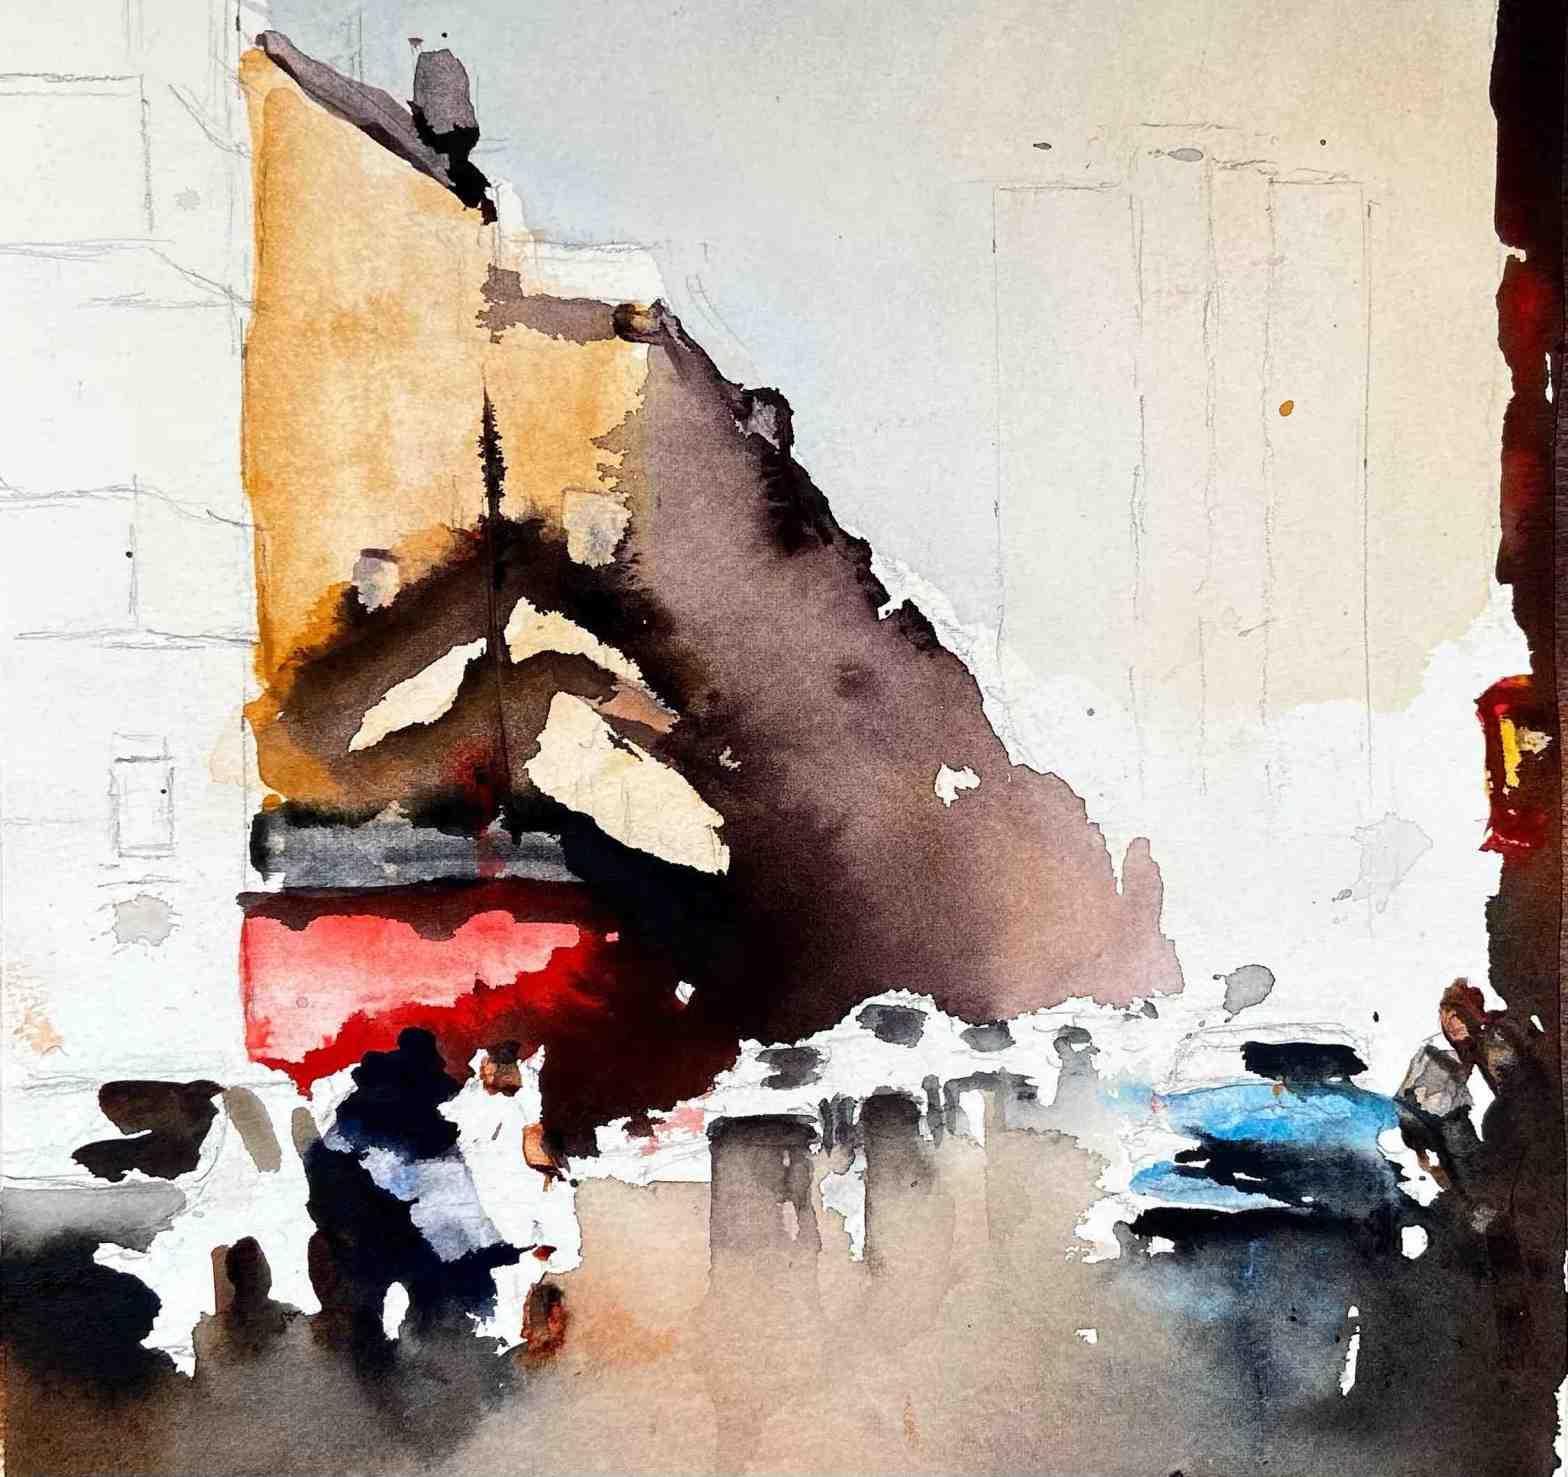 stadsmotiv i akvarell med bilar, människor och byggnader